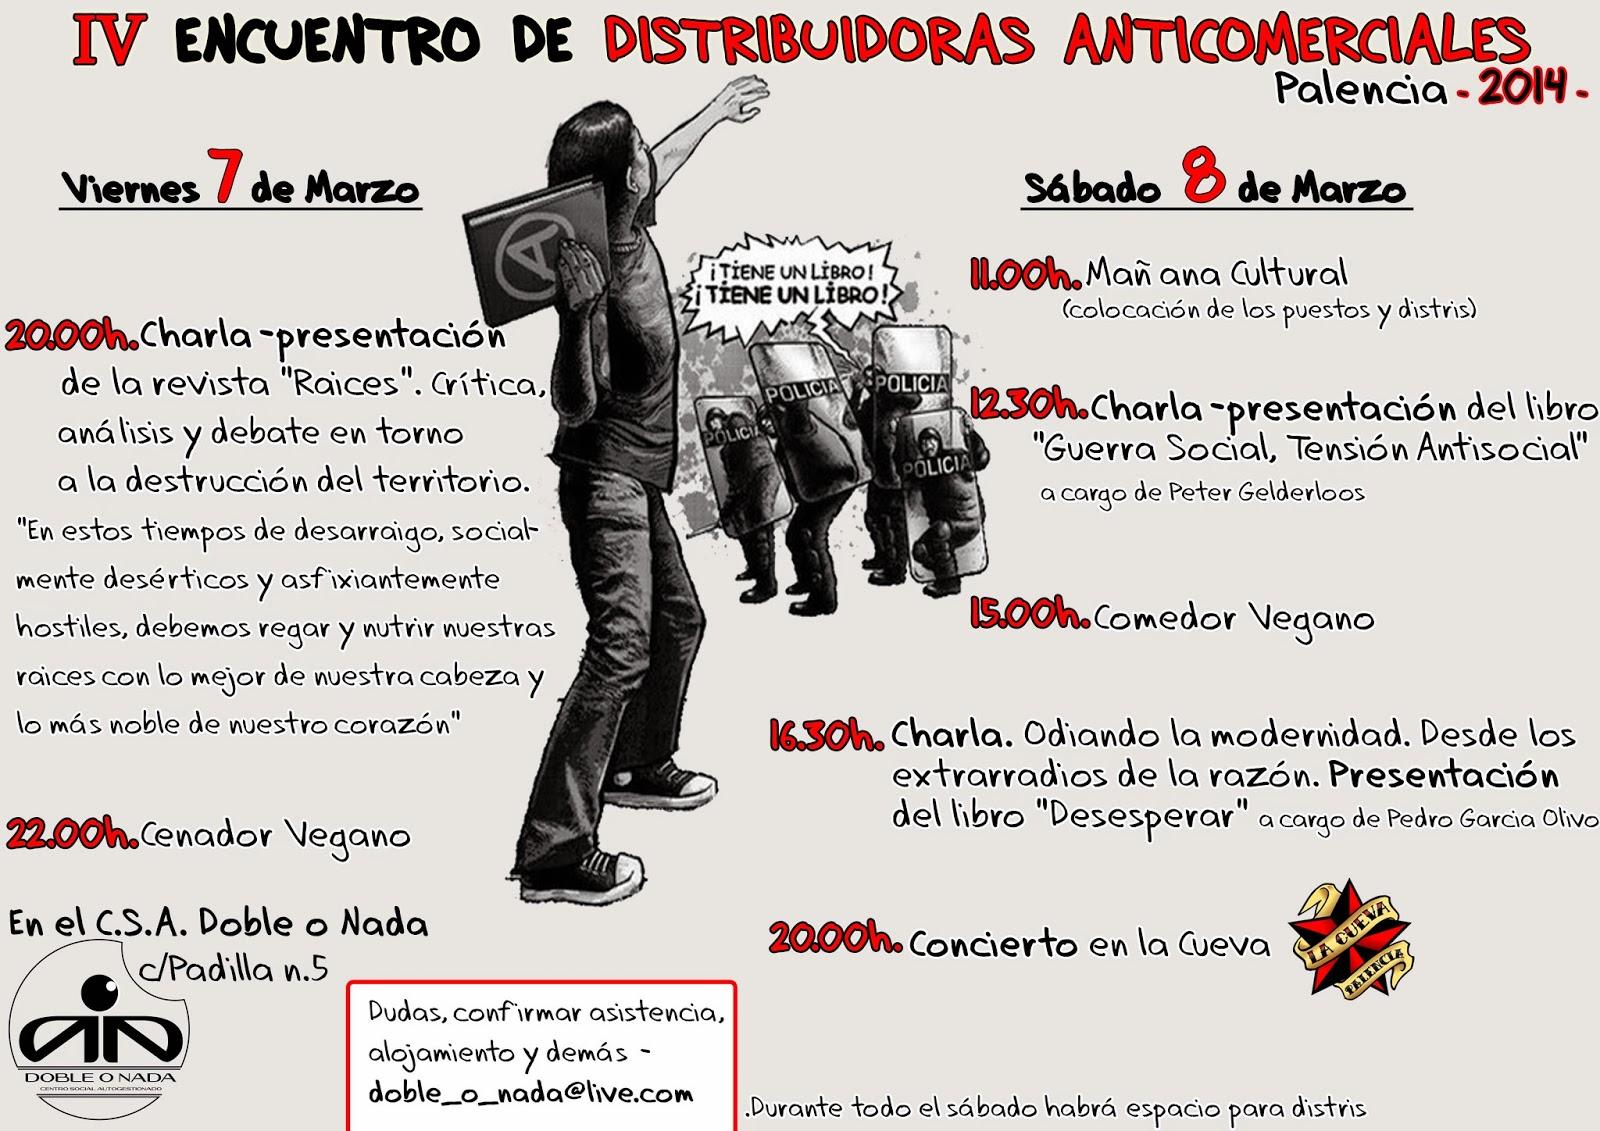 IV encuentro de distribuidoras anticomerciales de Palencia